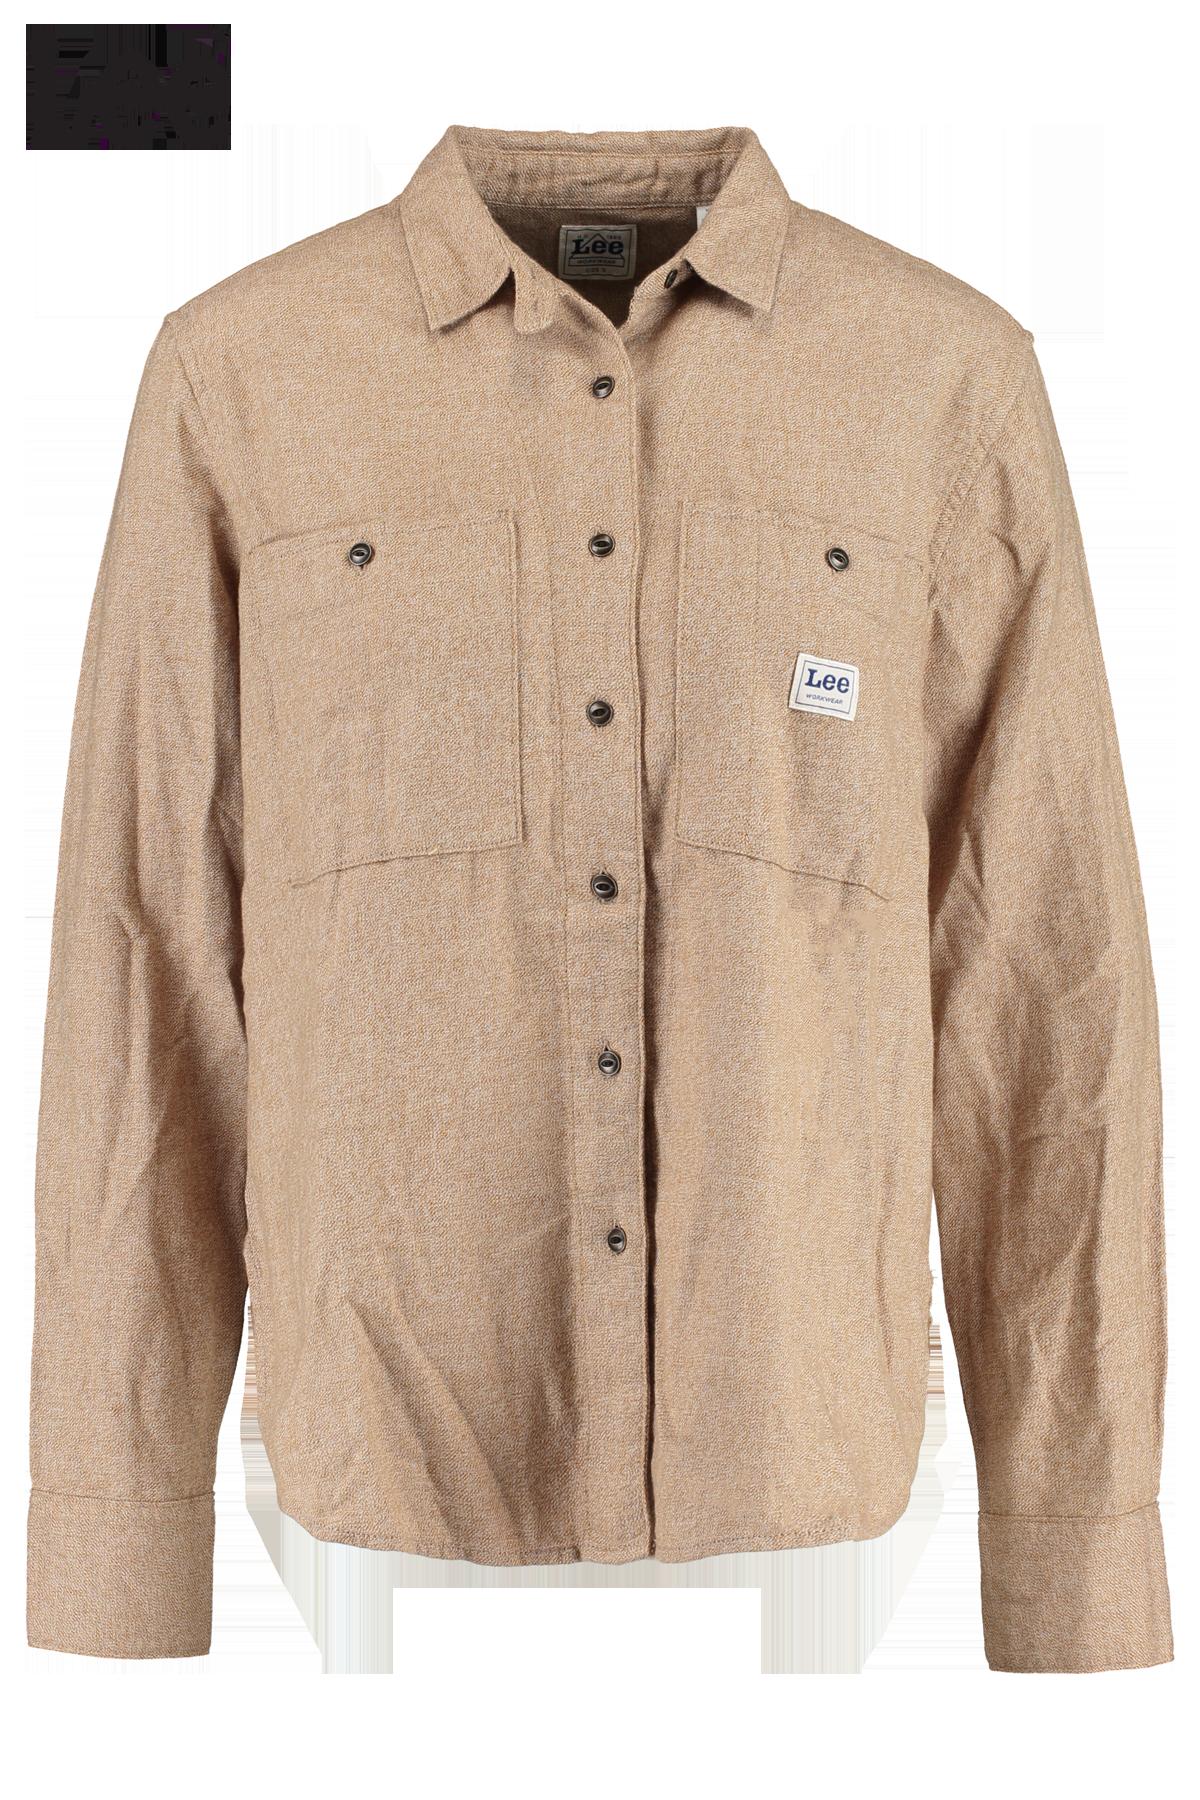 Blouse collar Worker Shirt